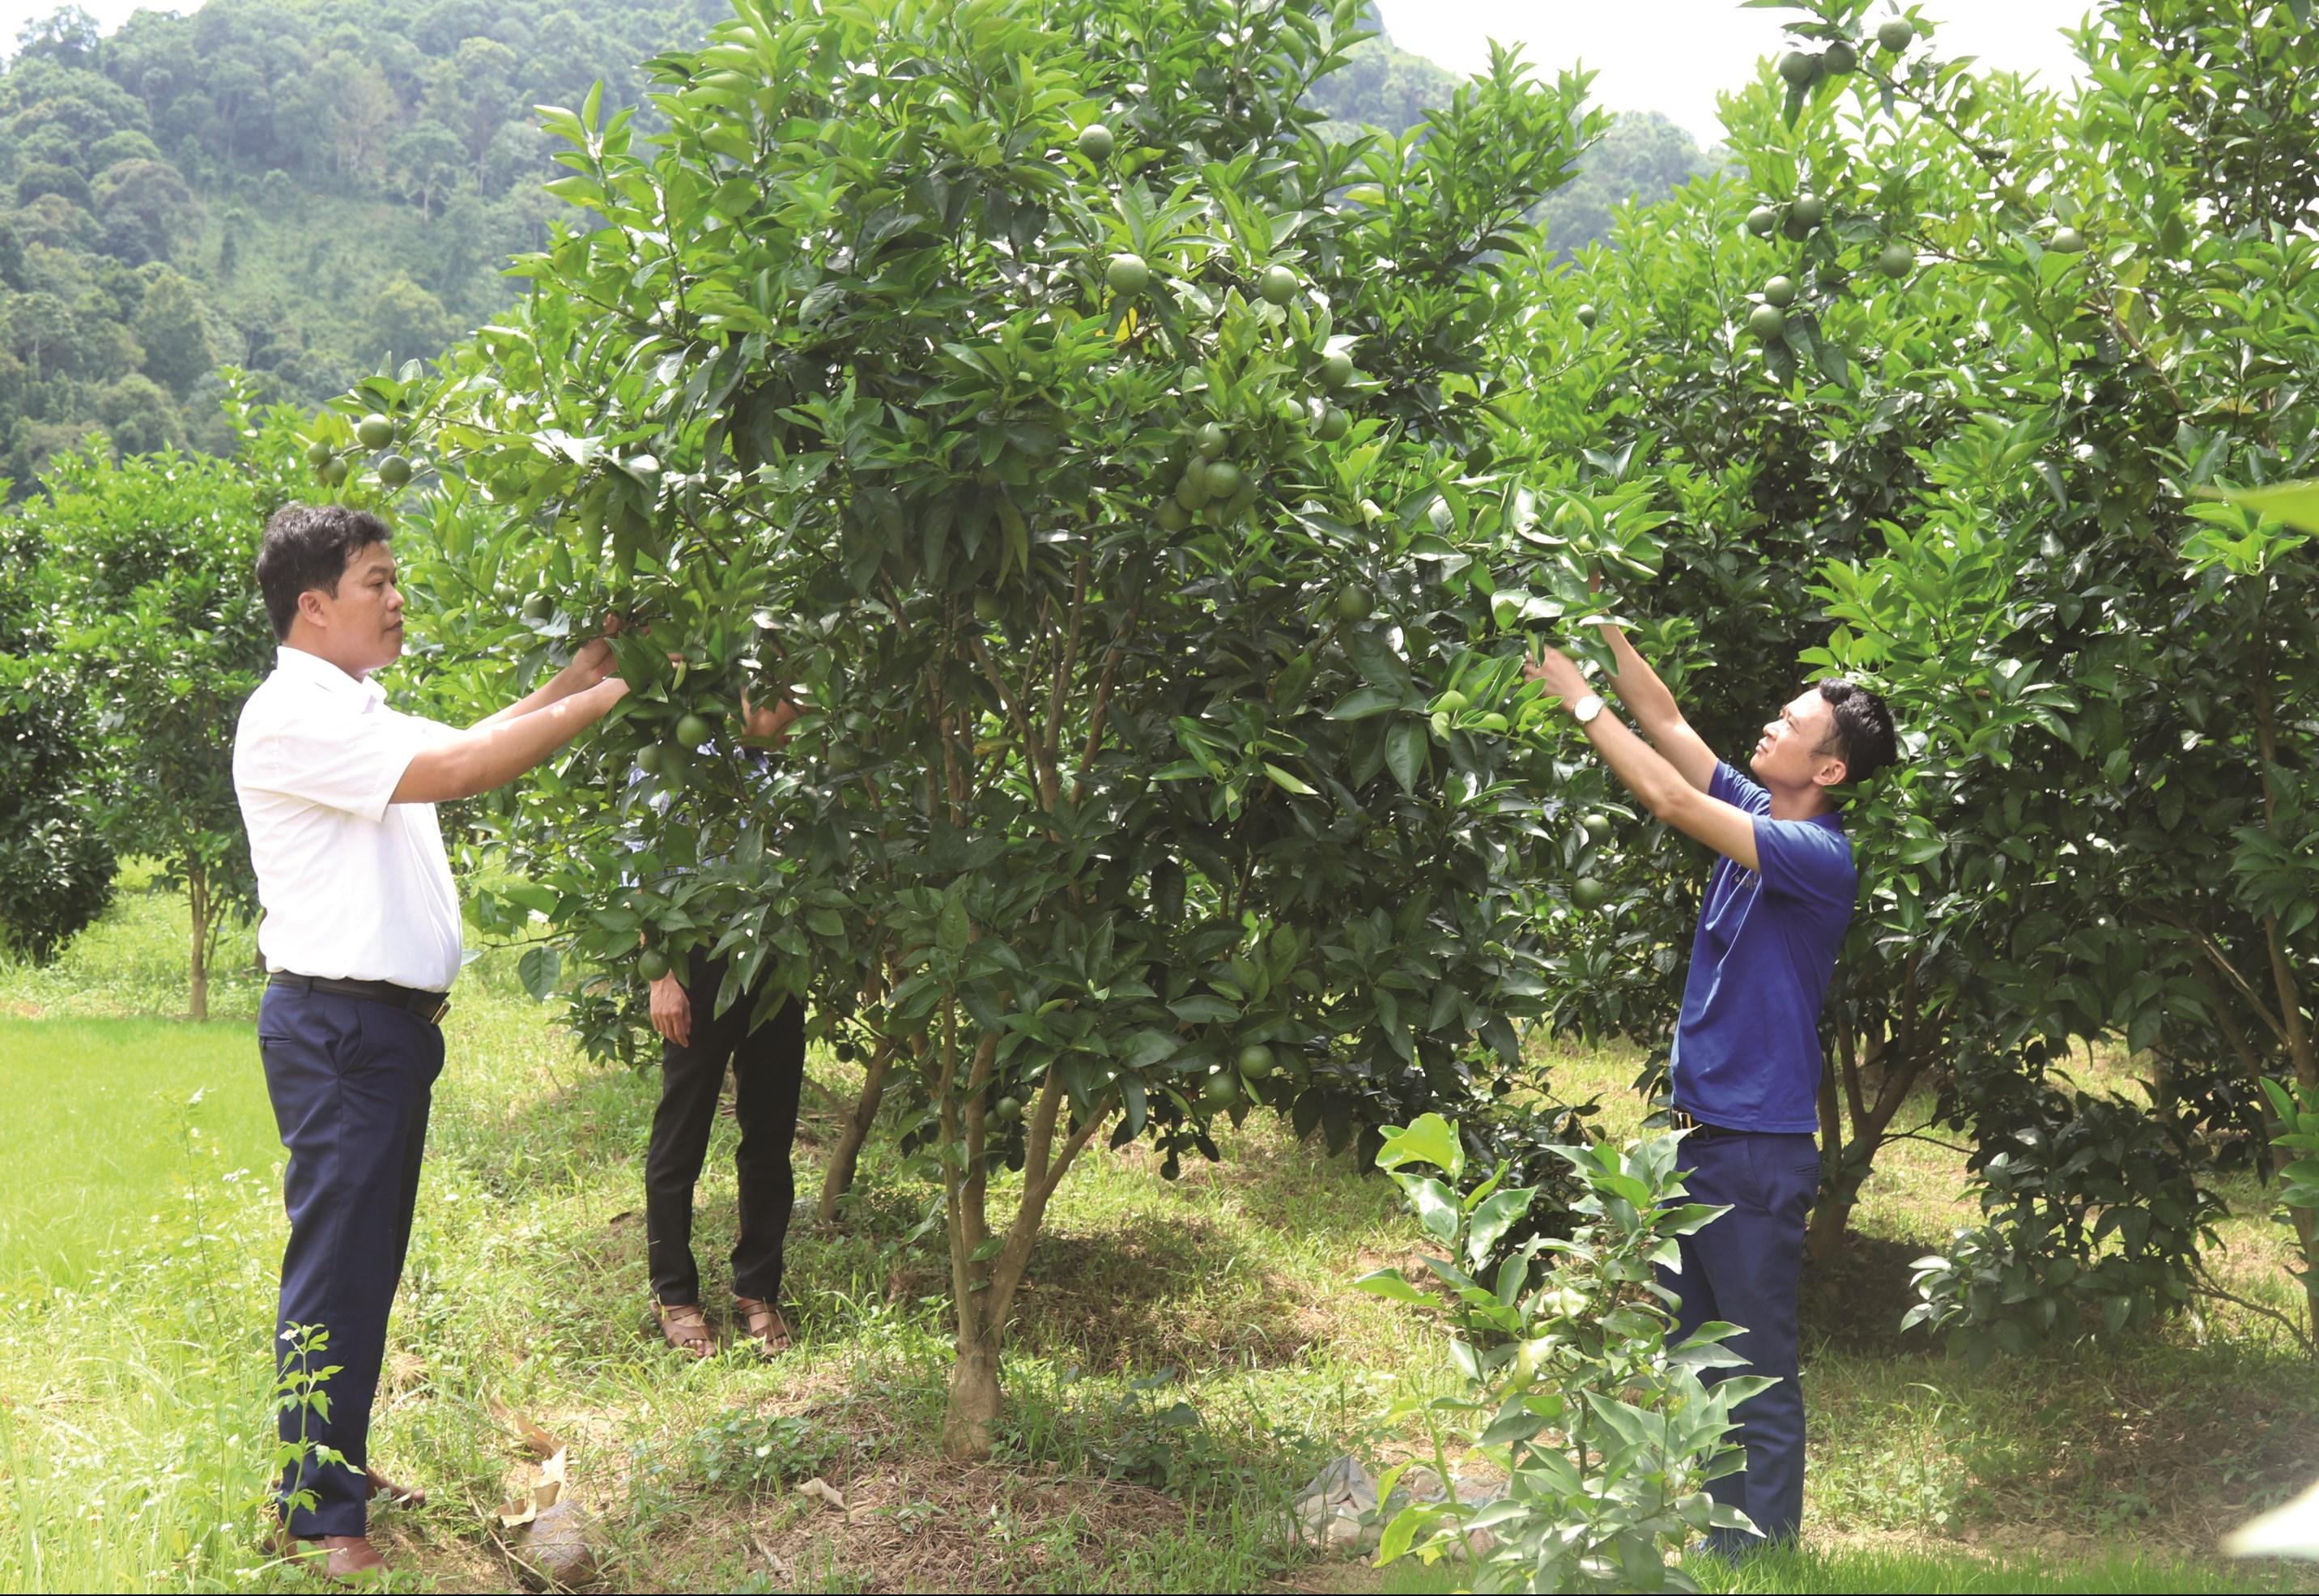 Nông sản Việt phải đáp ứng các điều kiện đủ mới có thể tận dụng được hiệu quả mà hiệp định EVFTA mang lại.